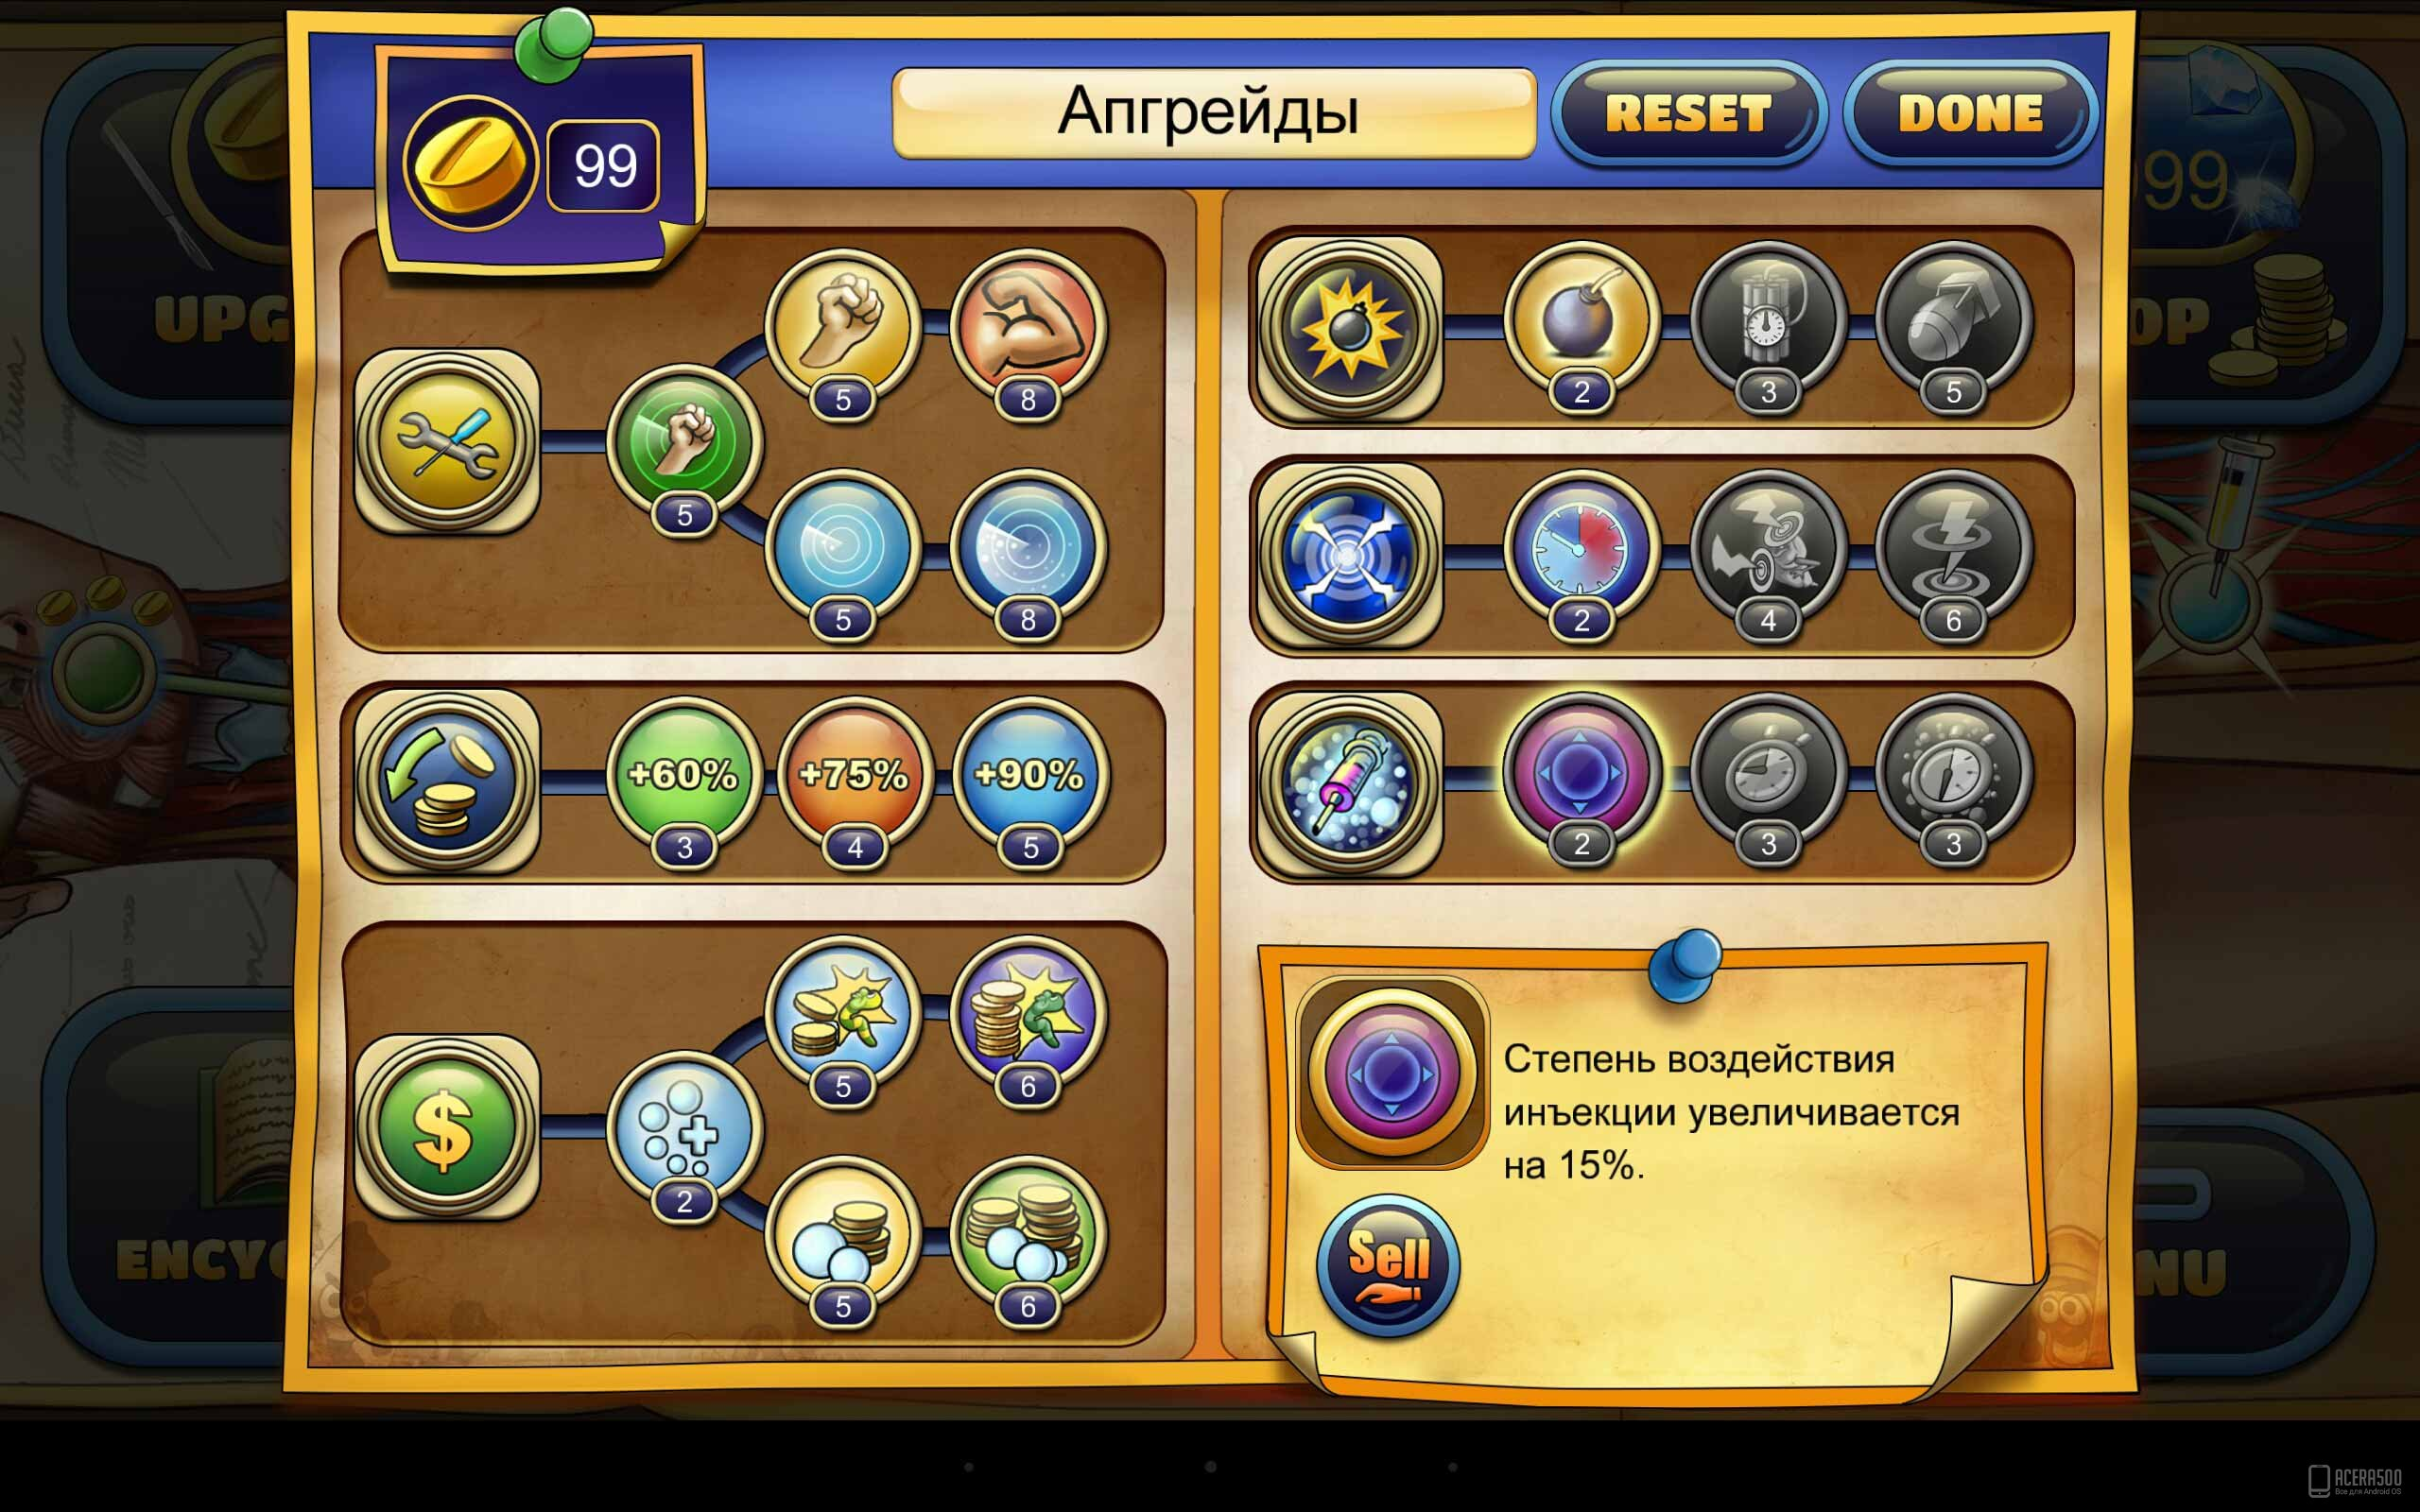 стратегии башенками онлайн играть